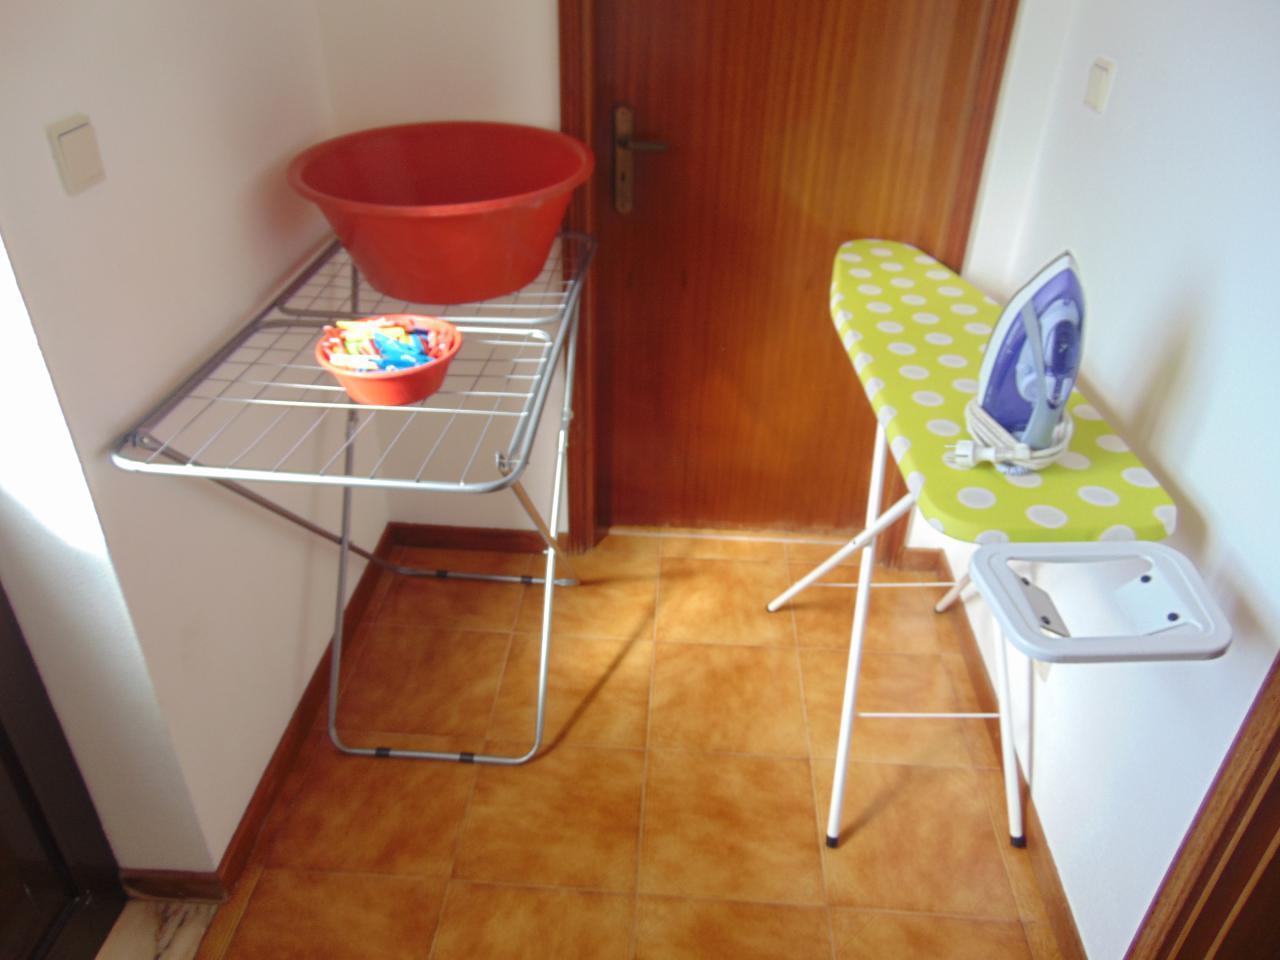 Ferienwohnung Casa da Sogra -  Haus im 1. Stock mit 3 Schlafzimmern und direktem Zugang von außen (2008671), Fajãzinha, Flores, Azoren, Portugal, Bild 12